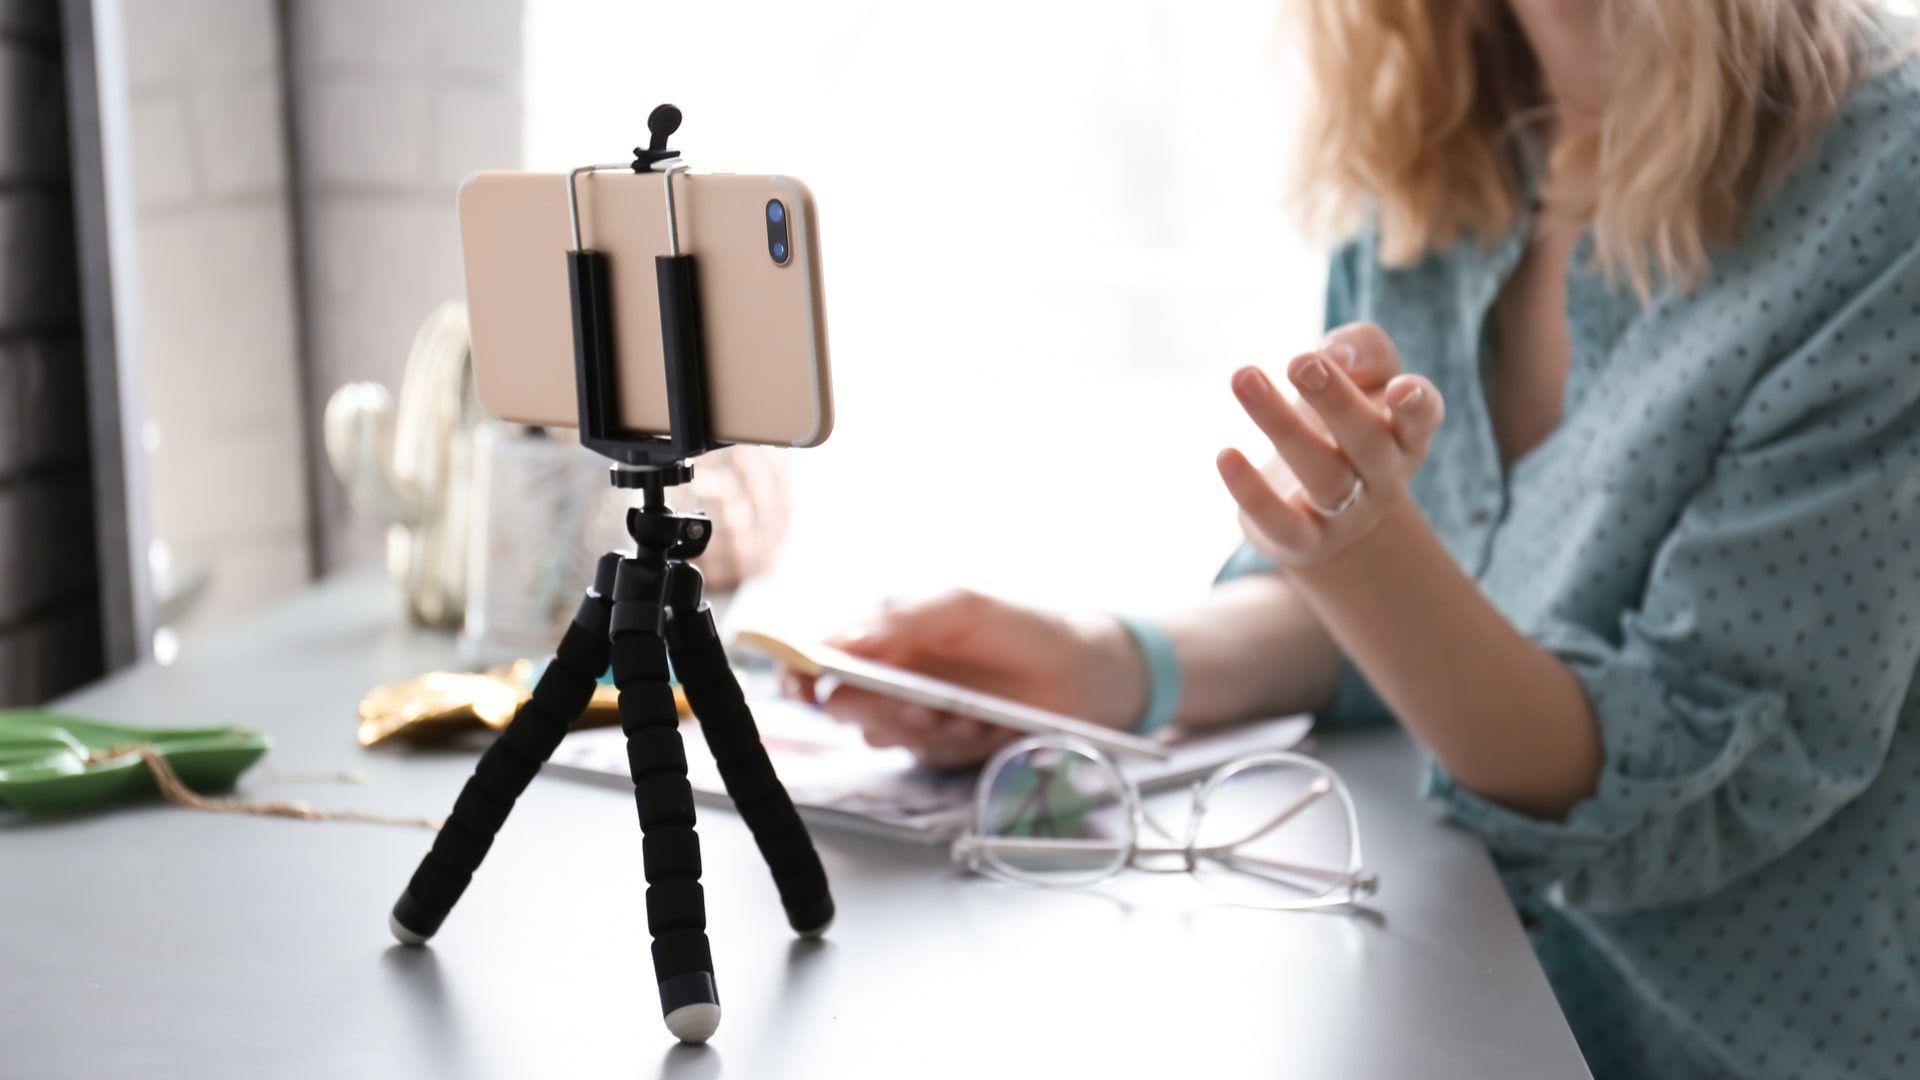 Tripé para celular é um acessório útil para tirar fotos e gravar vídeos (Foto: Shutterstock)